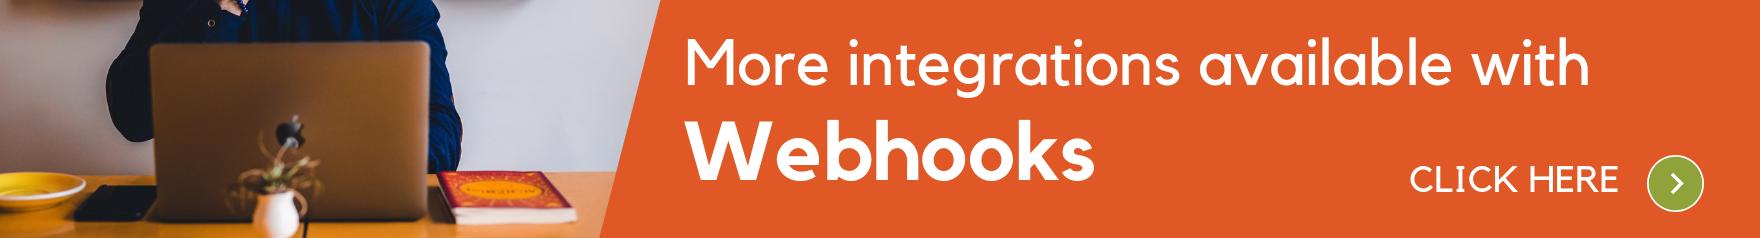 Webhooks banner